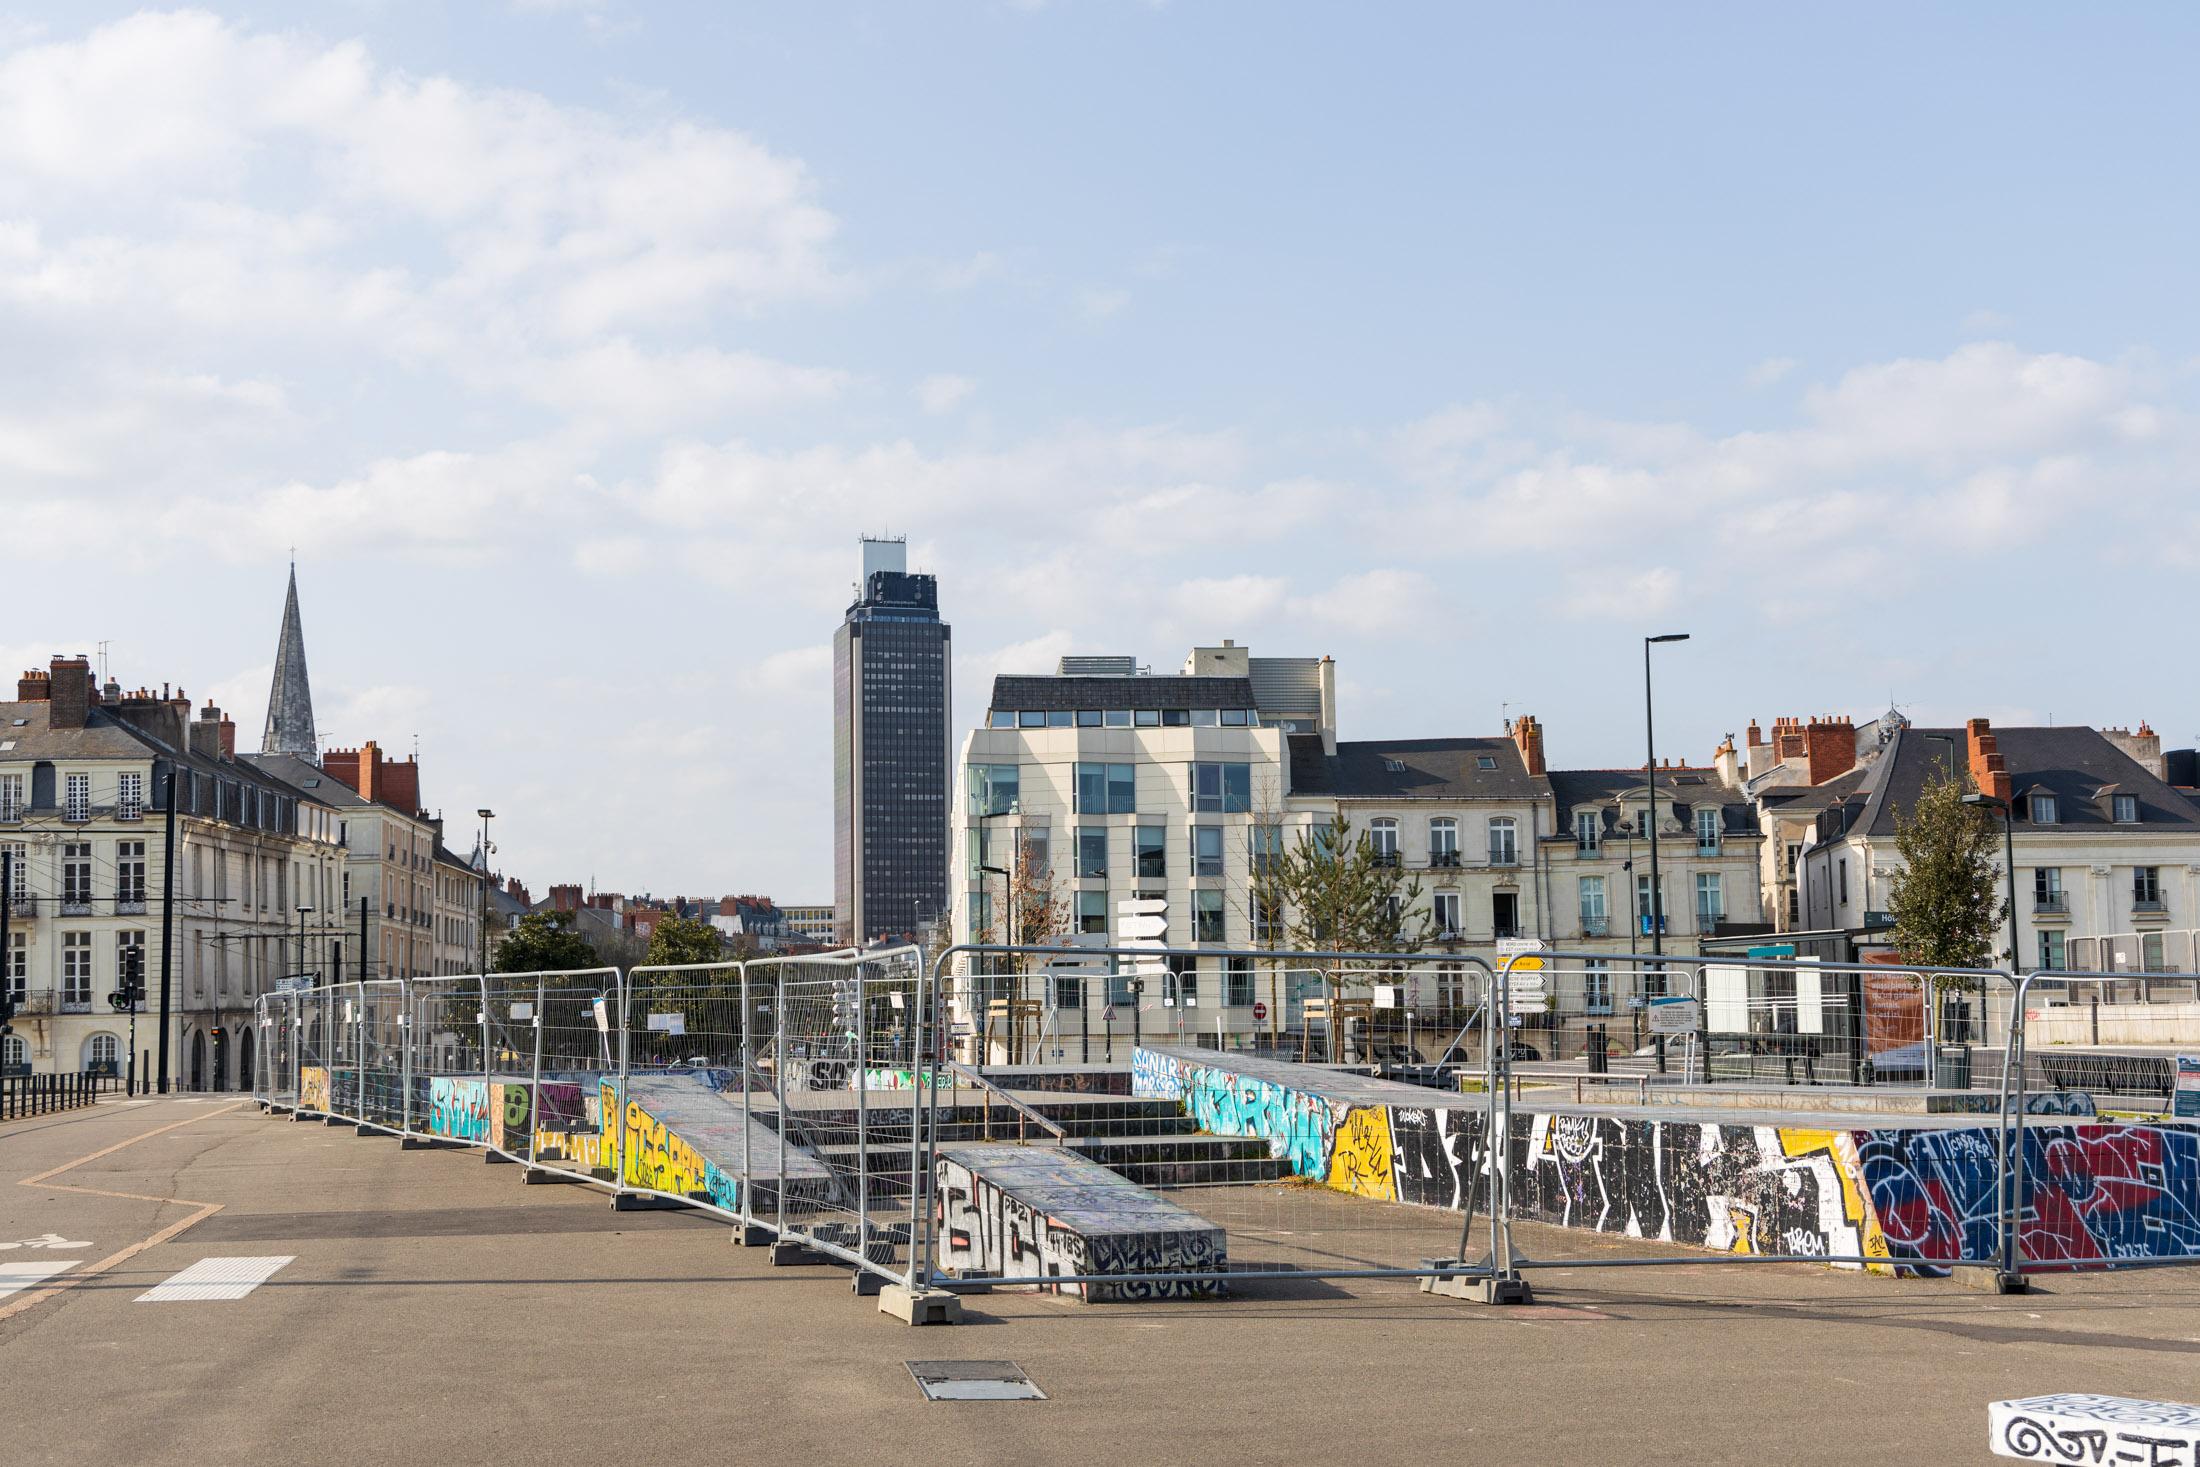 Open-air sport places free for everybody are prohibited. Nantes, France - March 23th 2020.Les espaces de sport en plein air ouverts à tous sont condamnes jusqu'a nouvel ordre. Nantes, France - 23 mars 2020.